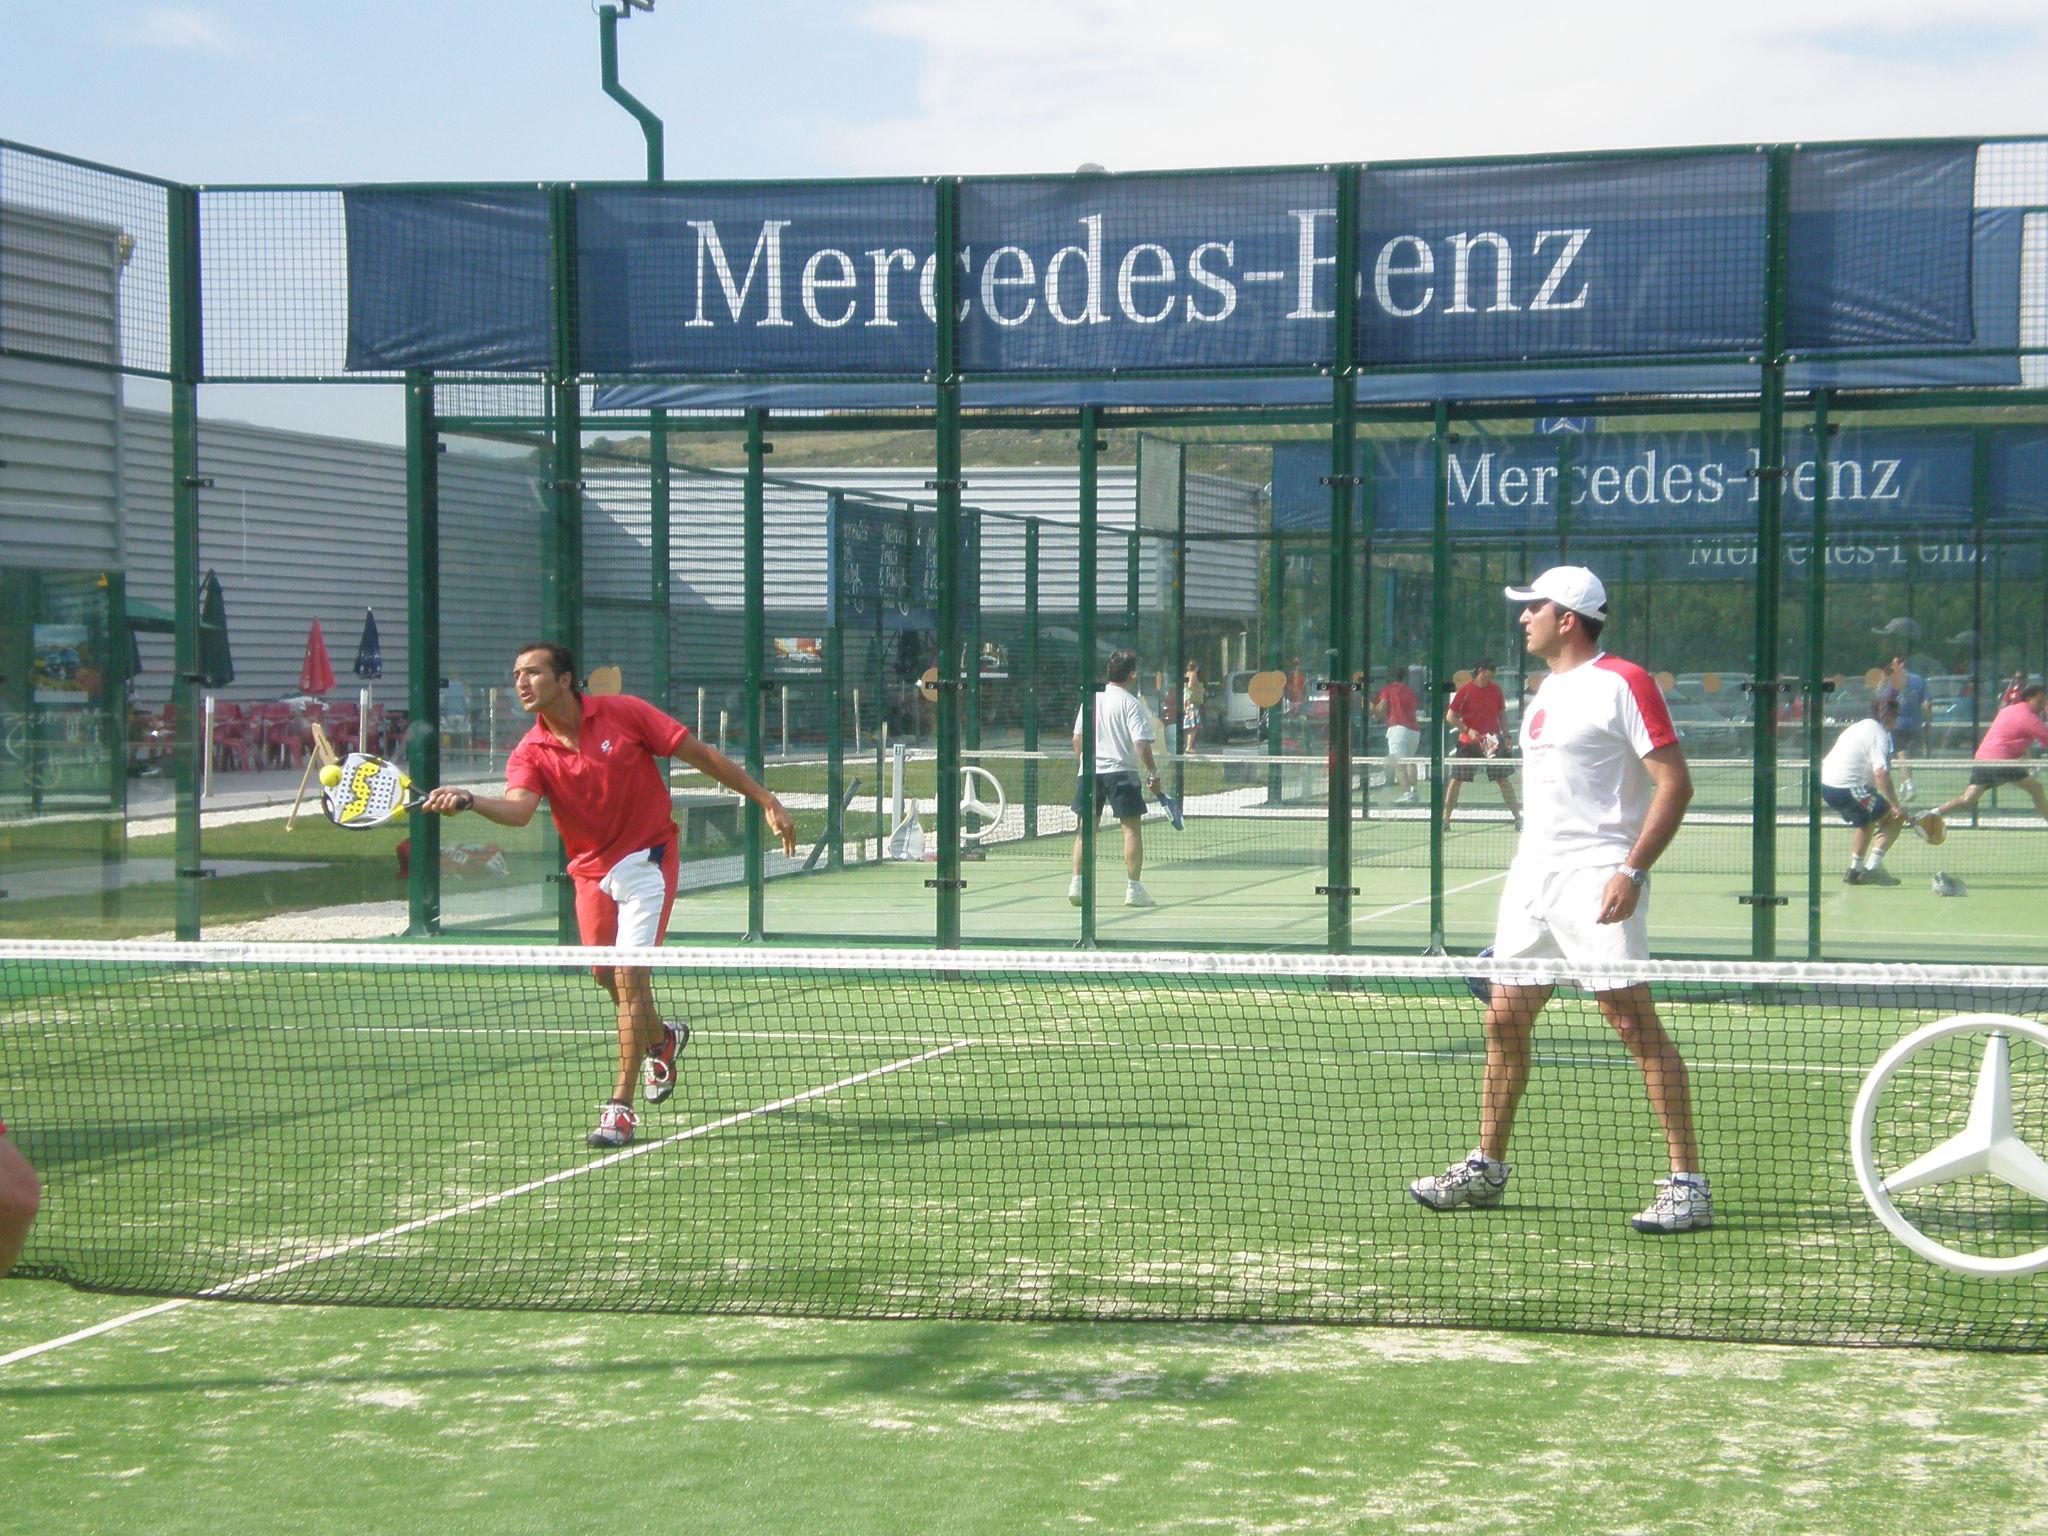 Clases de padel y tenis a domicilio en madrid tel 91 831 - Busco trabajo en javea ...